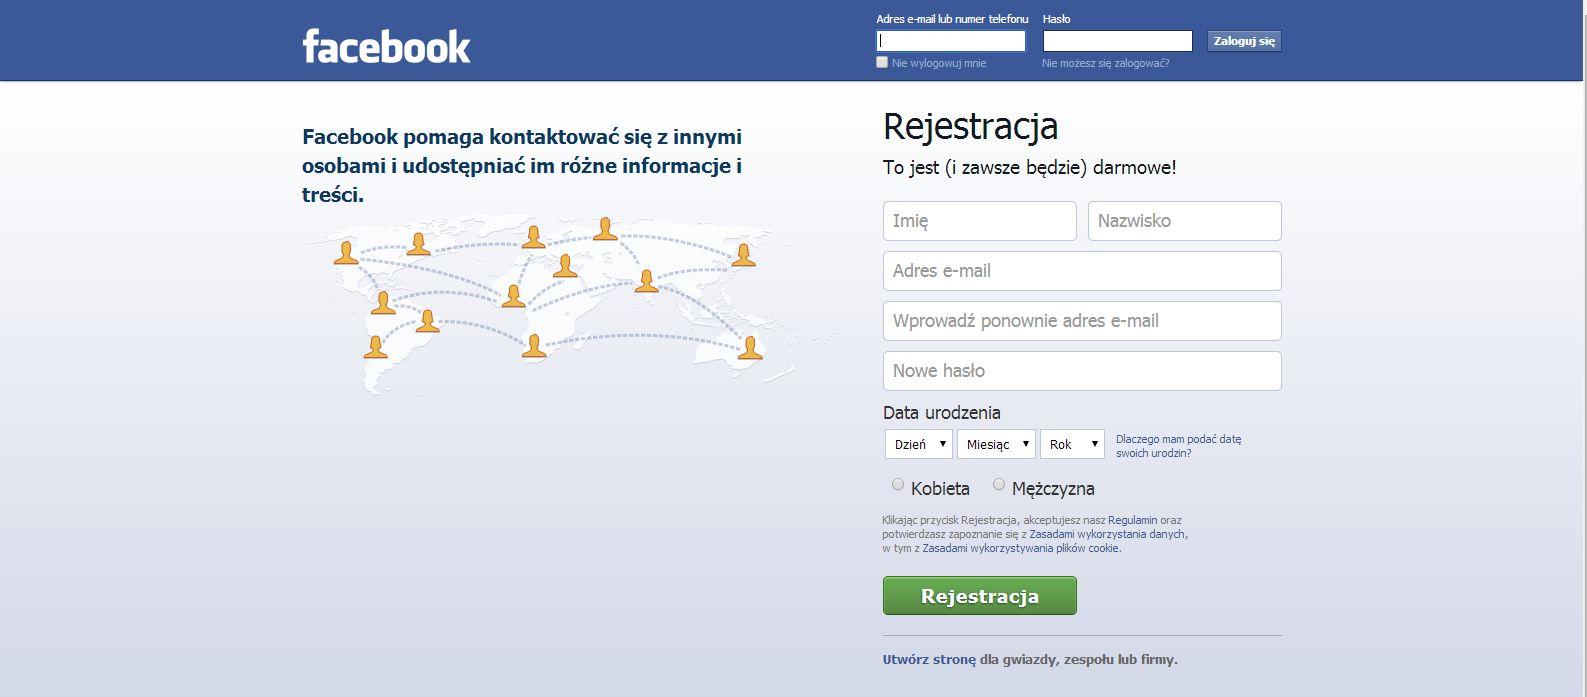 W_jaki_sposób_stworzyć_wizytówkę_(fanpage)_na_Facebooku_1